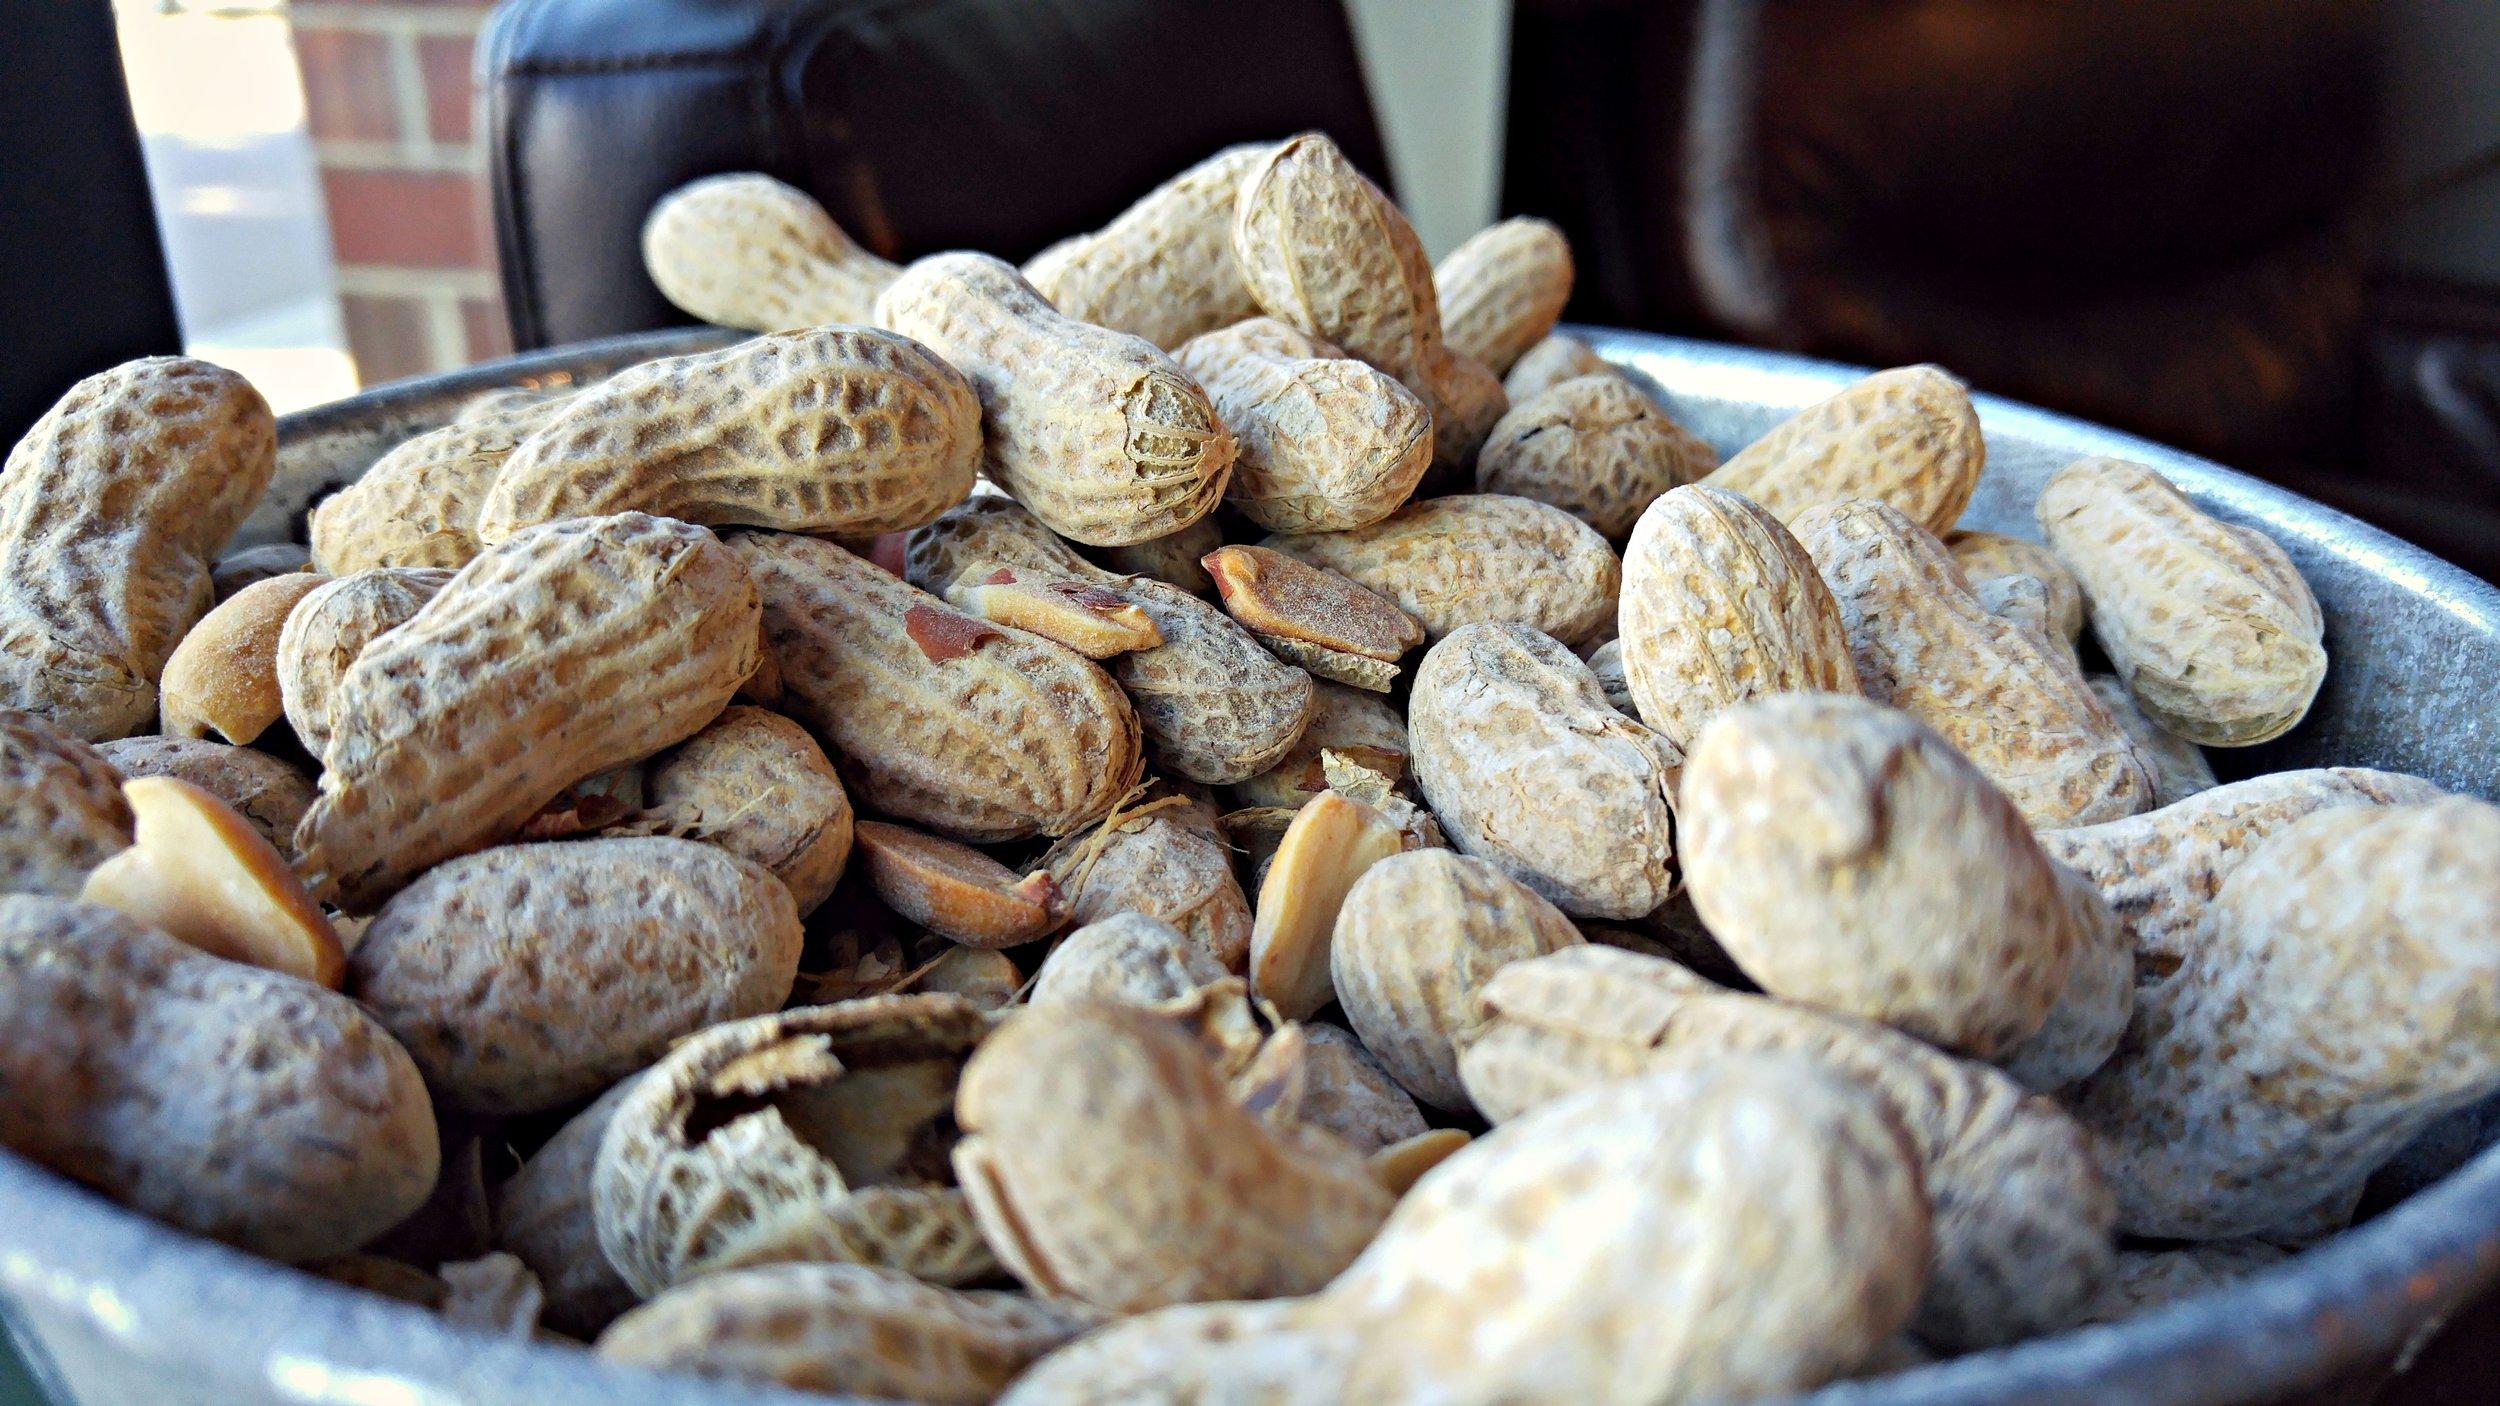 62916_peanuts.jpg